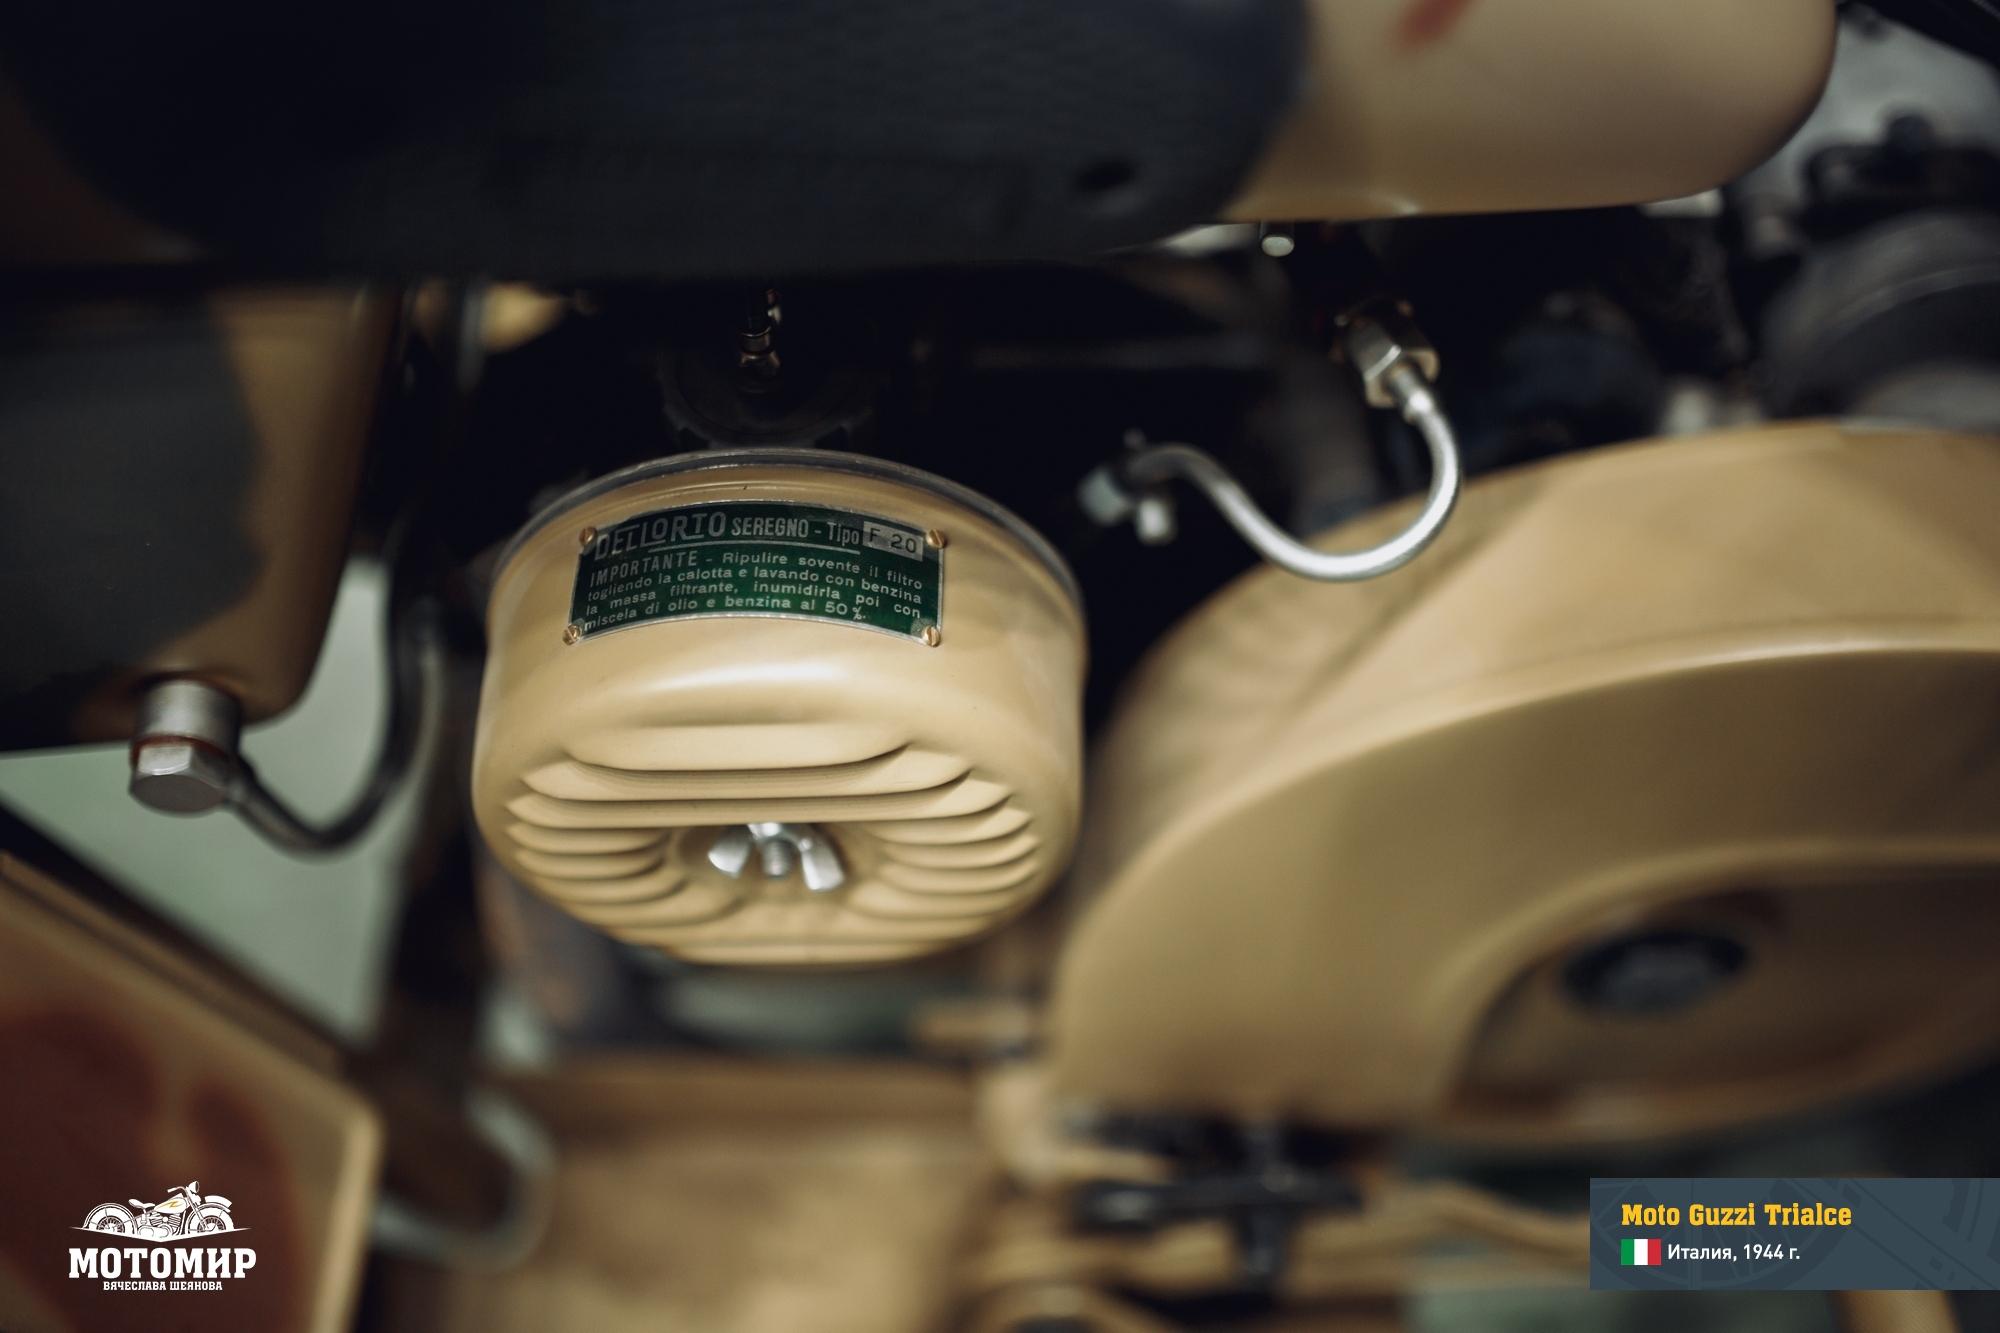 moto-guzzi-trialce-201502-web-25